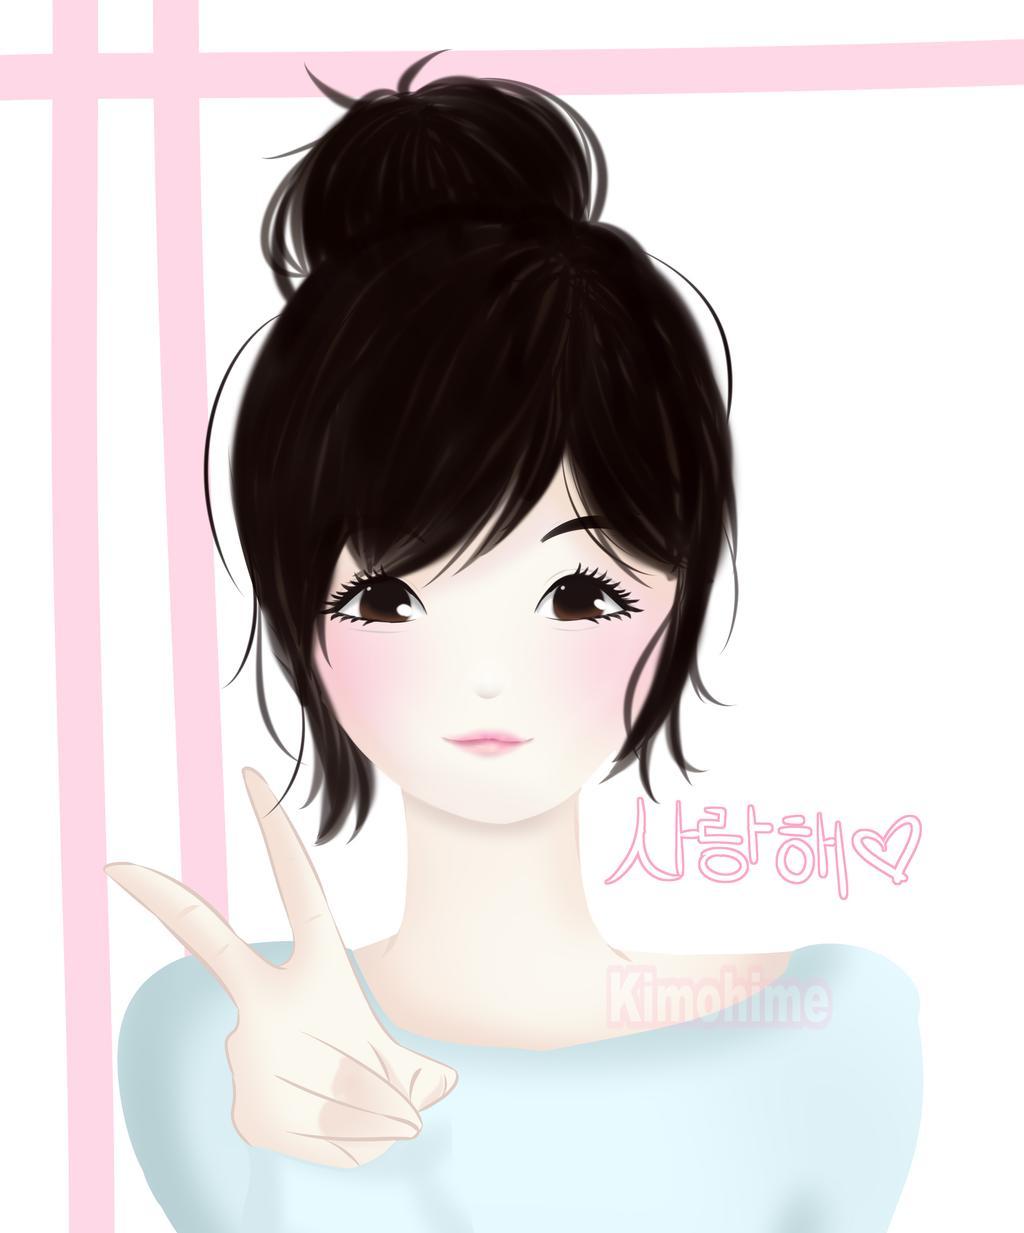 Ảnh anime Hàn rất đẹp cô gái mắt nâu